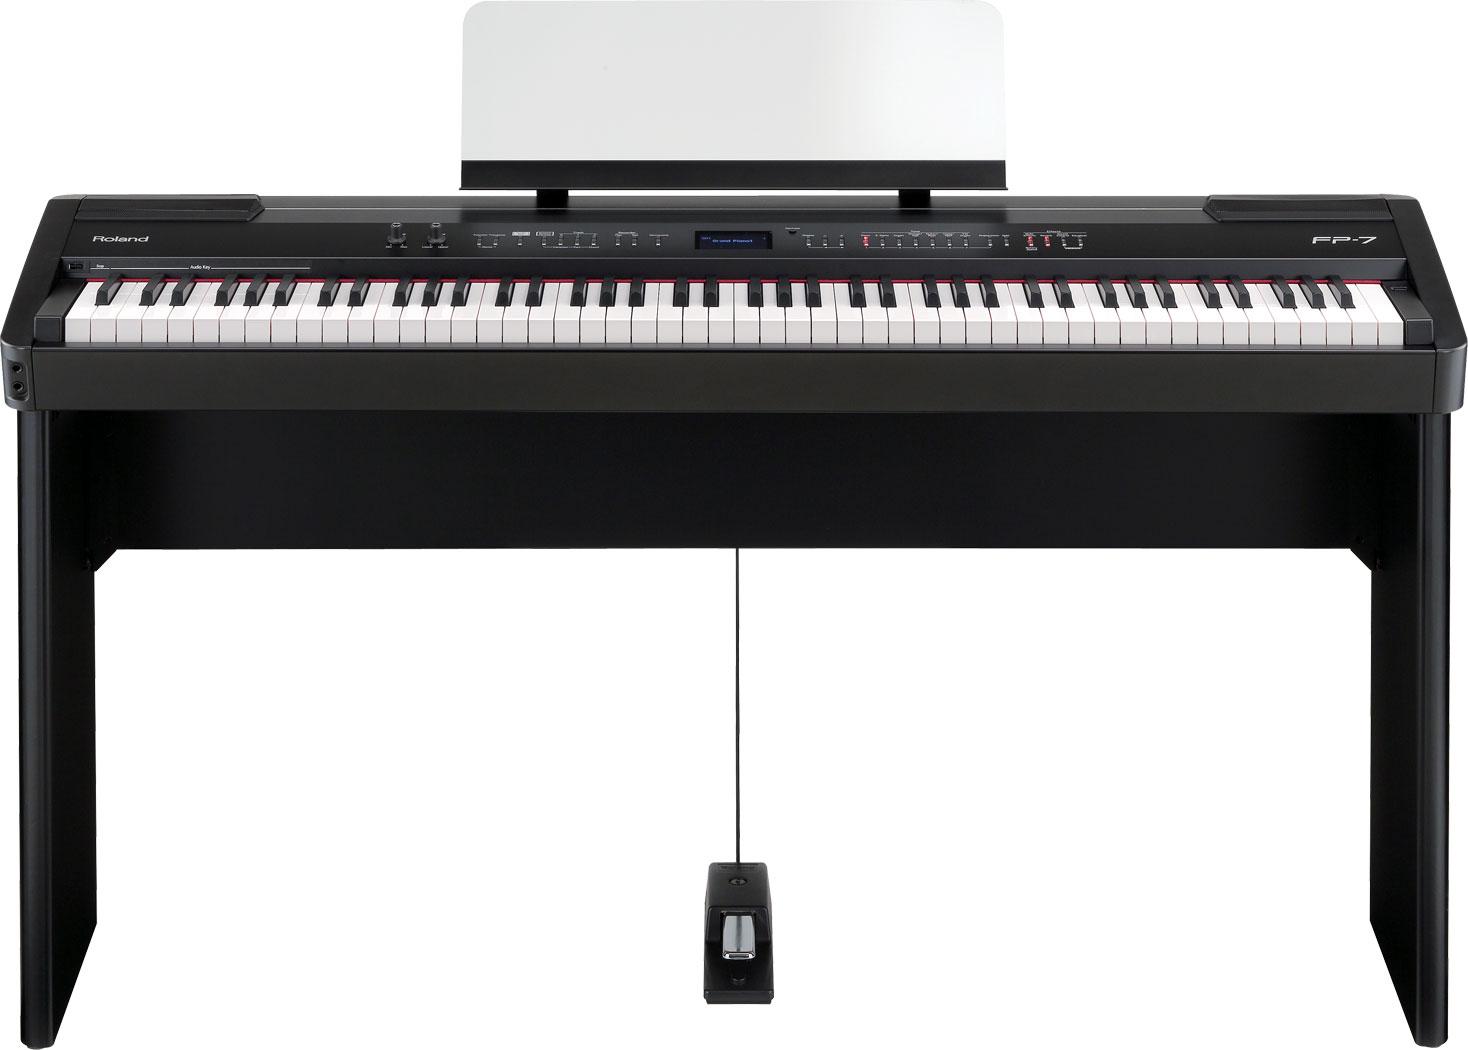 roland fp 7 digital portable piano rh roland com Roland FP- 7F roland fp-7 manual pdf